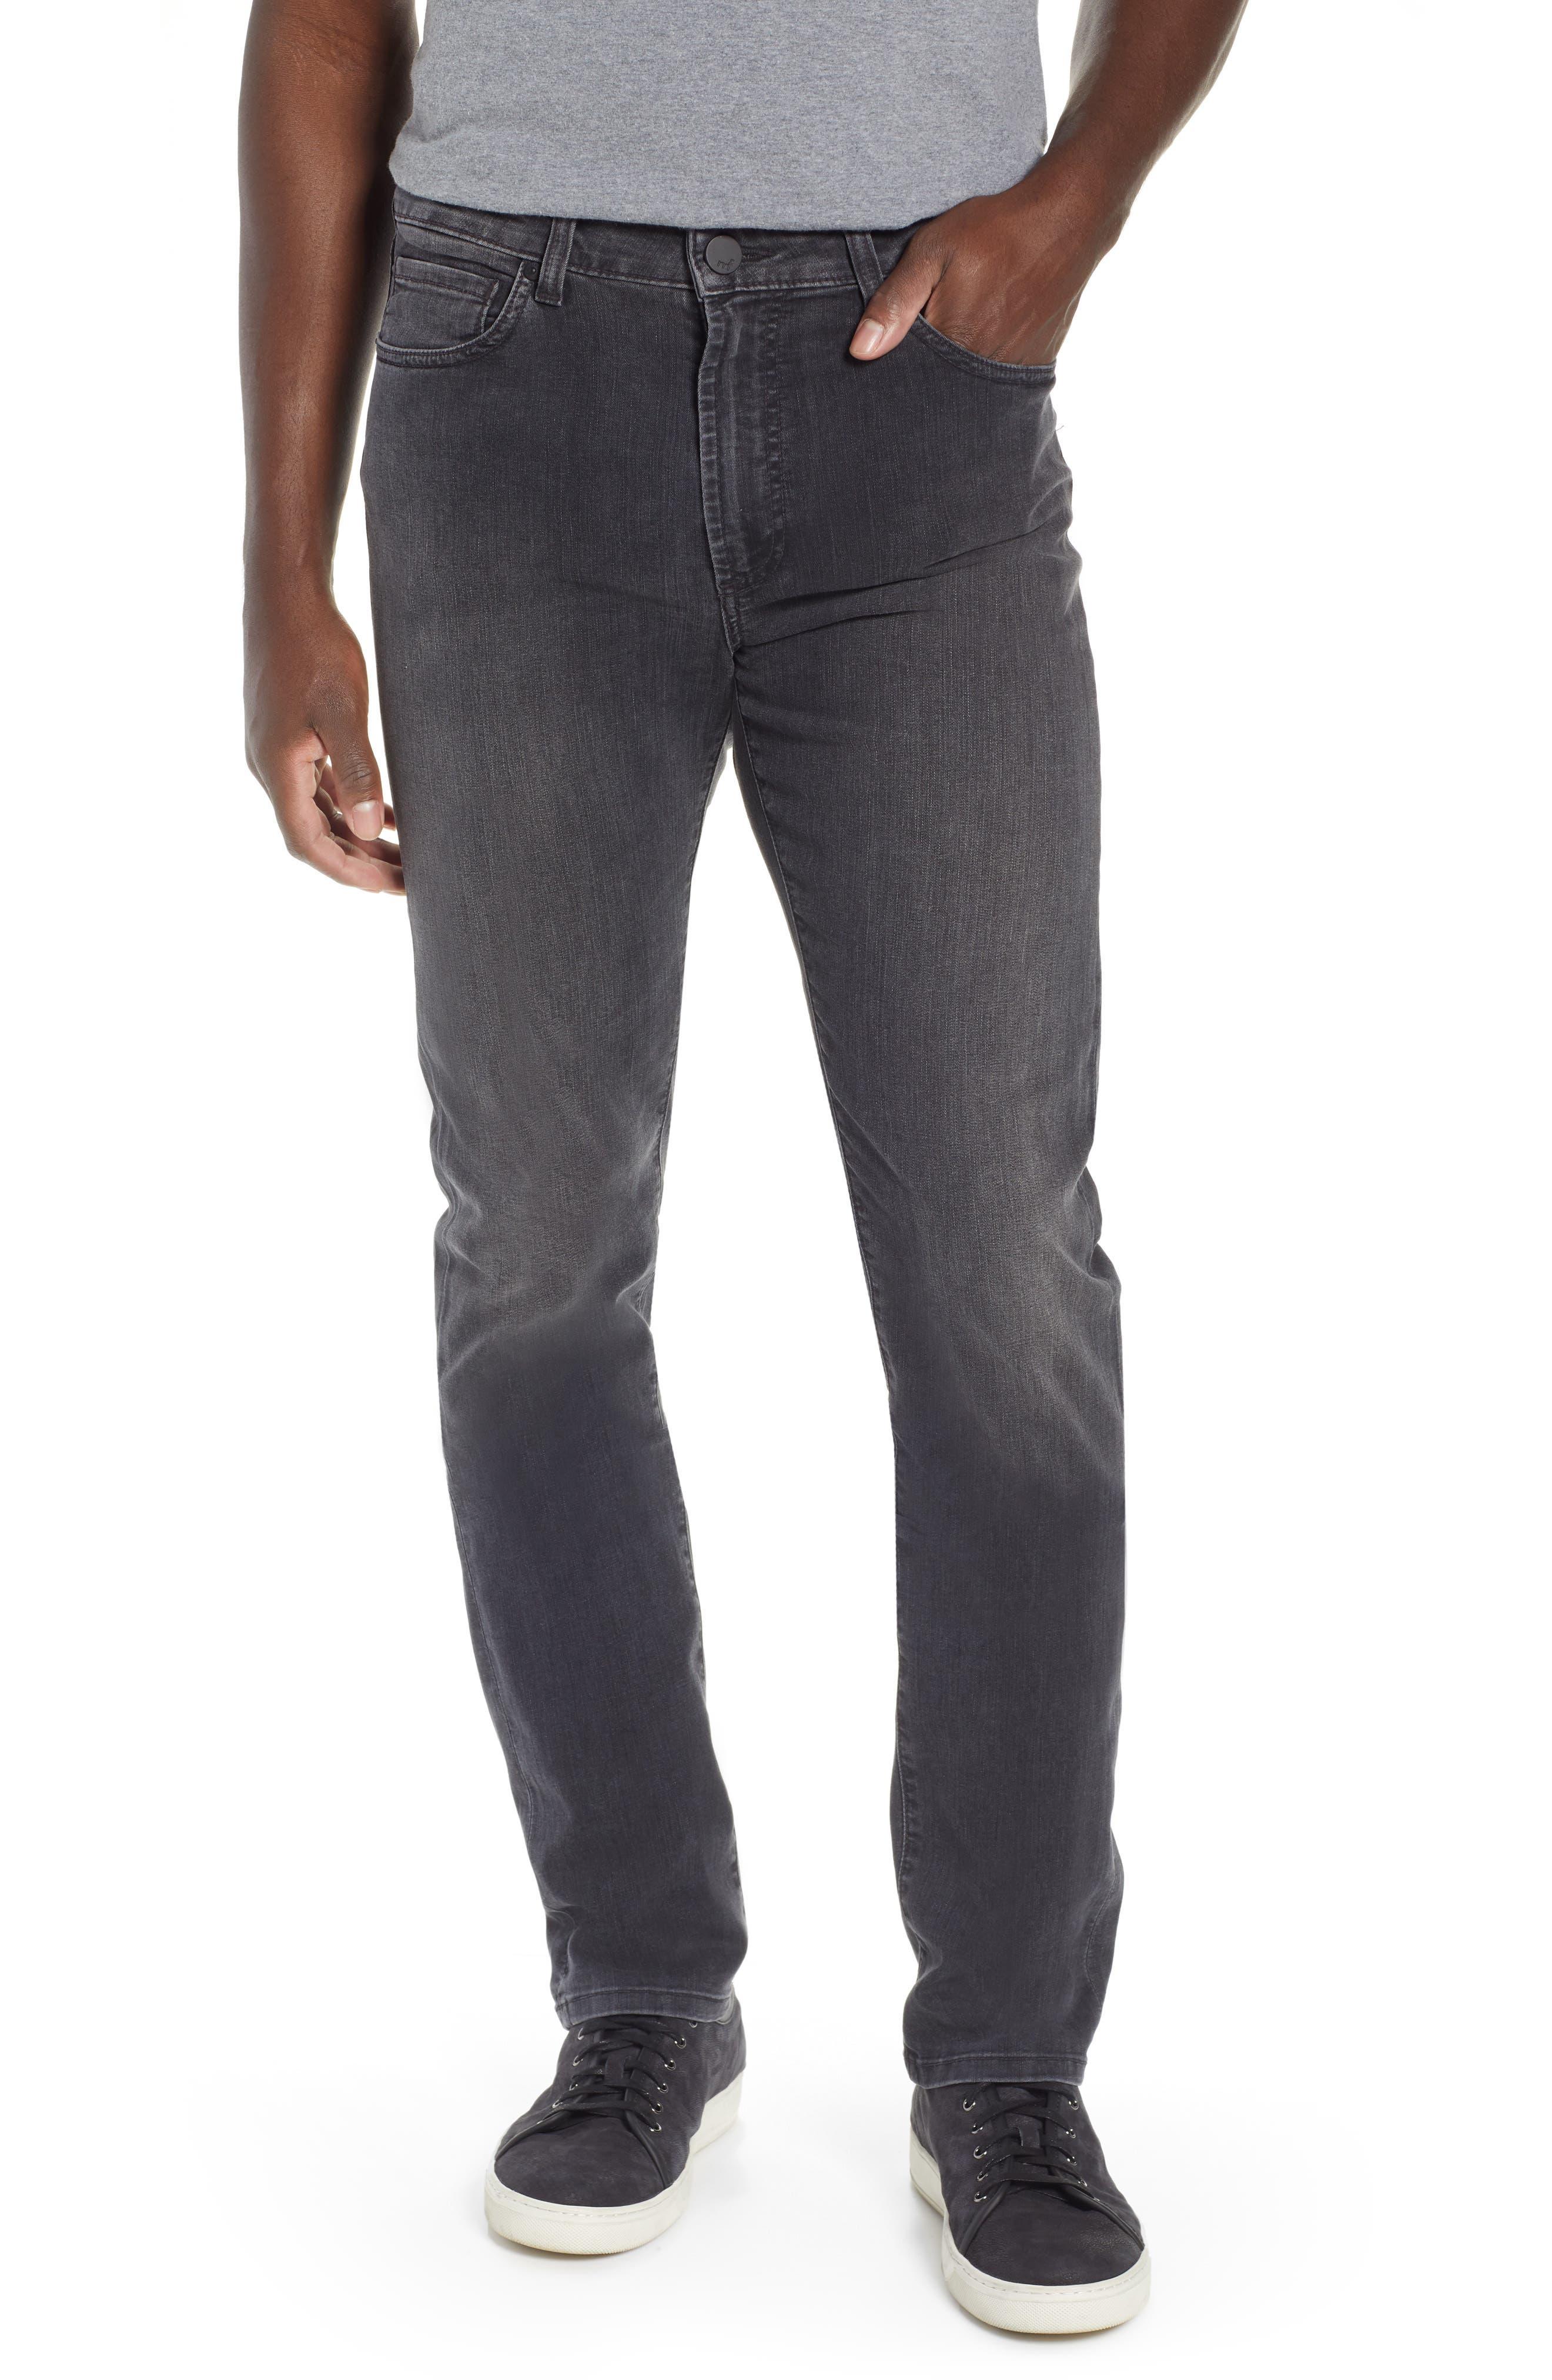 MONFRERE Brando Slim Jeans in Berlin